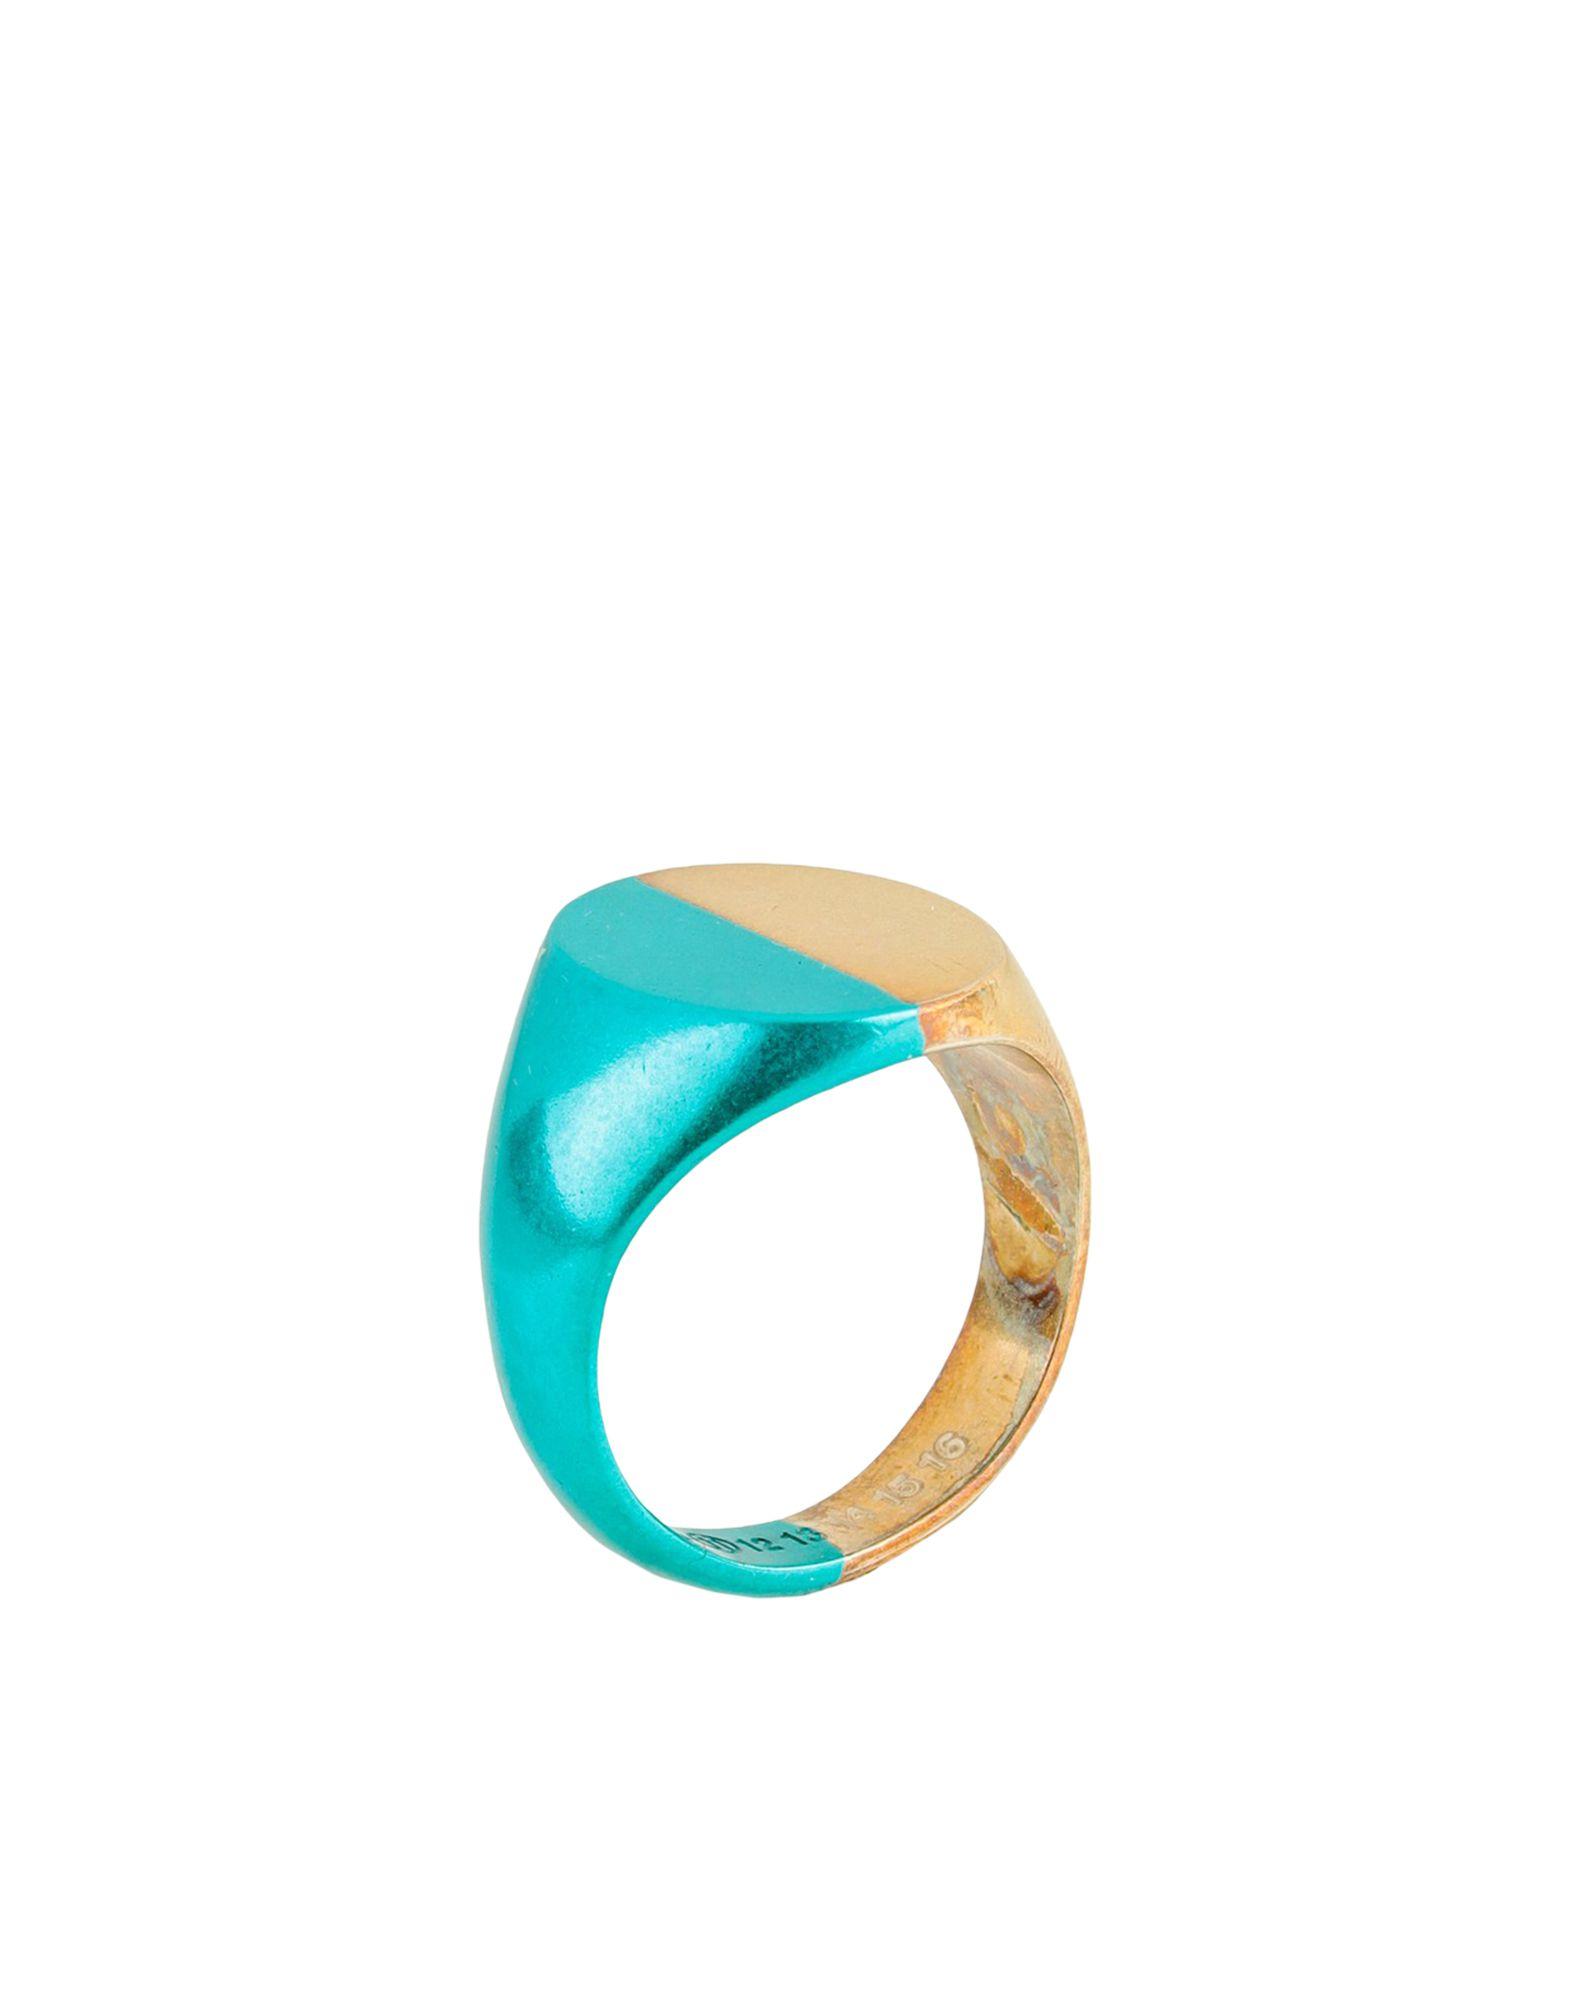 《セール開催中》MAISON MARGIELA メンズ 指輪 ターコイズブルー S シルバー925/1000 100%